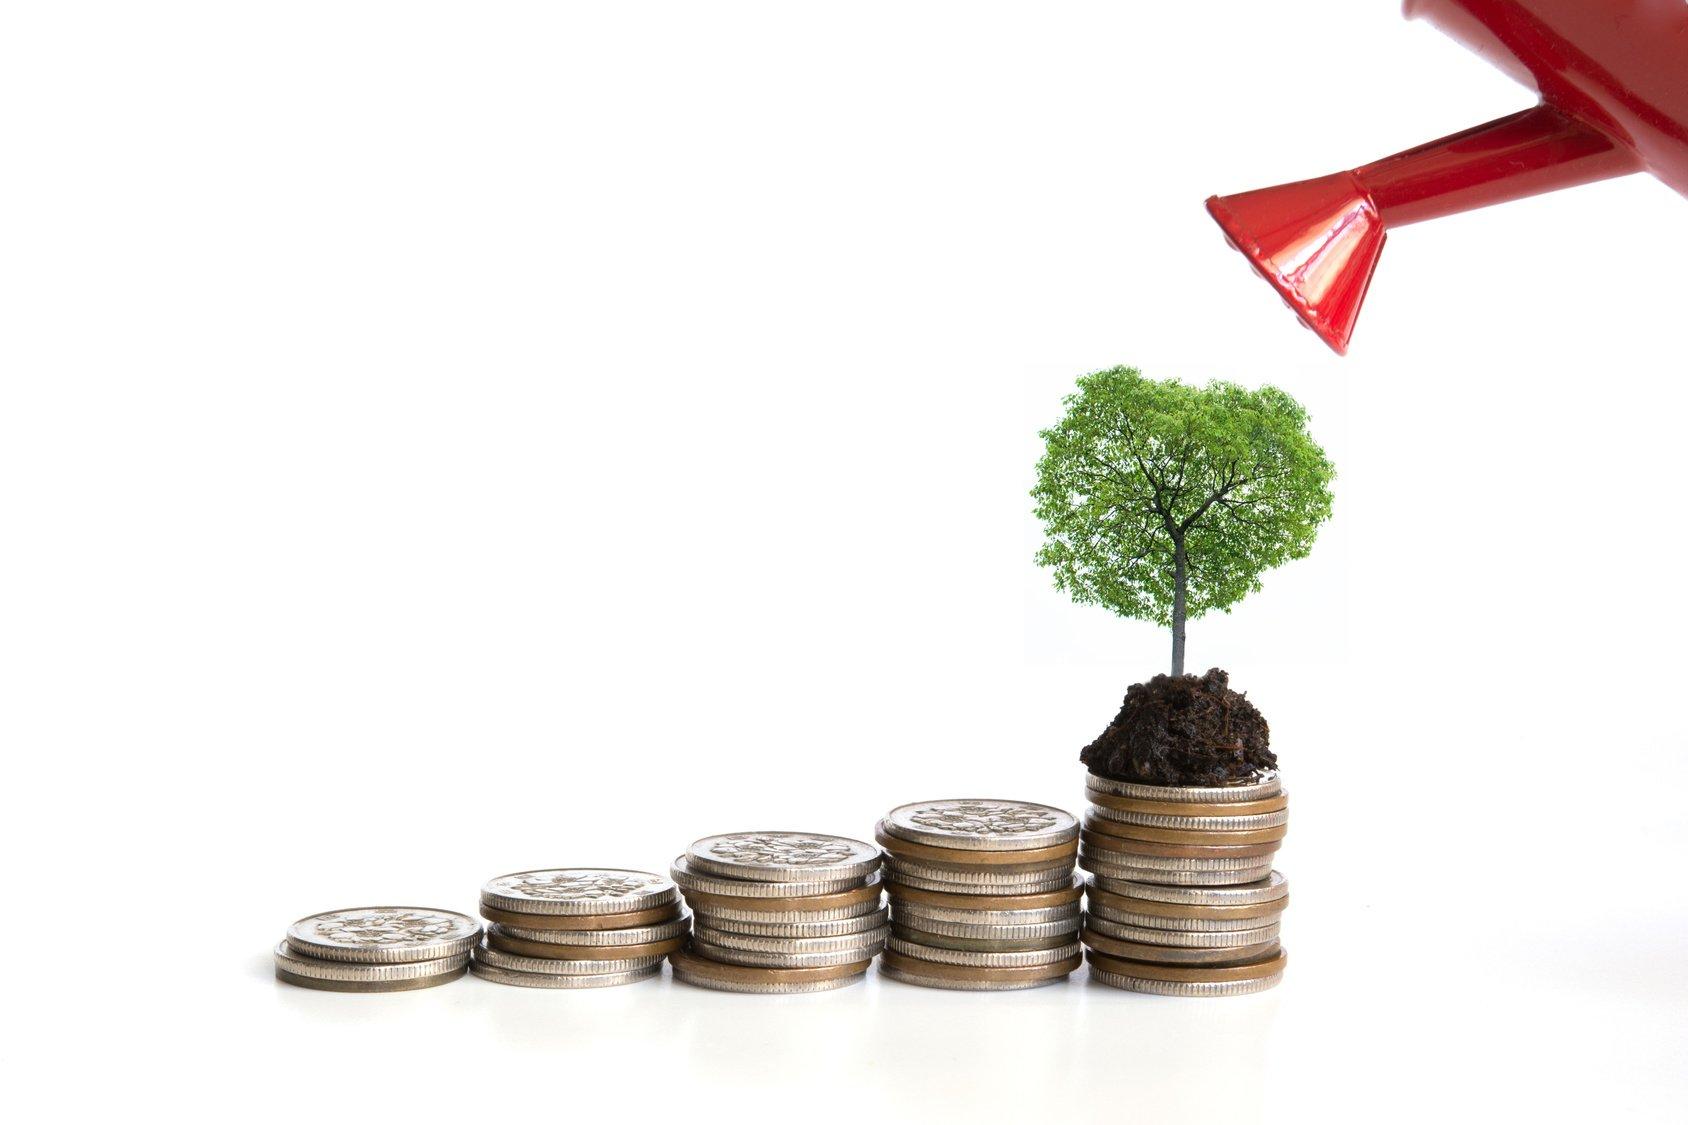 Αποτέλεσμα εικόνας για ειδικό χρηματοδοτικό πρόγραμμα ύψους ΕΙΒ ΑΓΡΟΤΙΚΌΣ ΤΟΜΕΑΣ